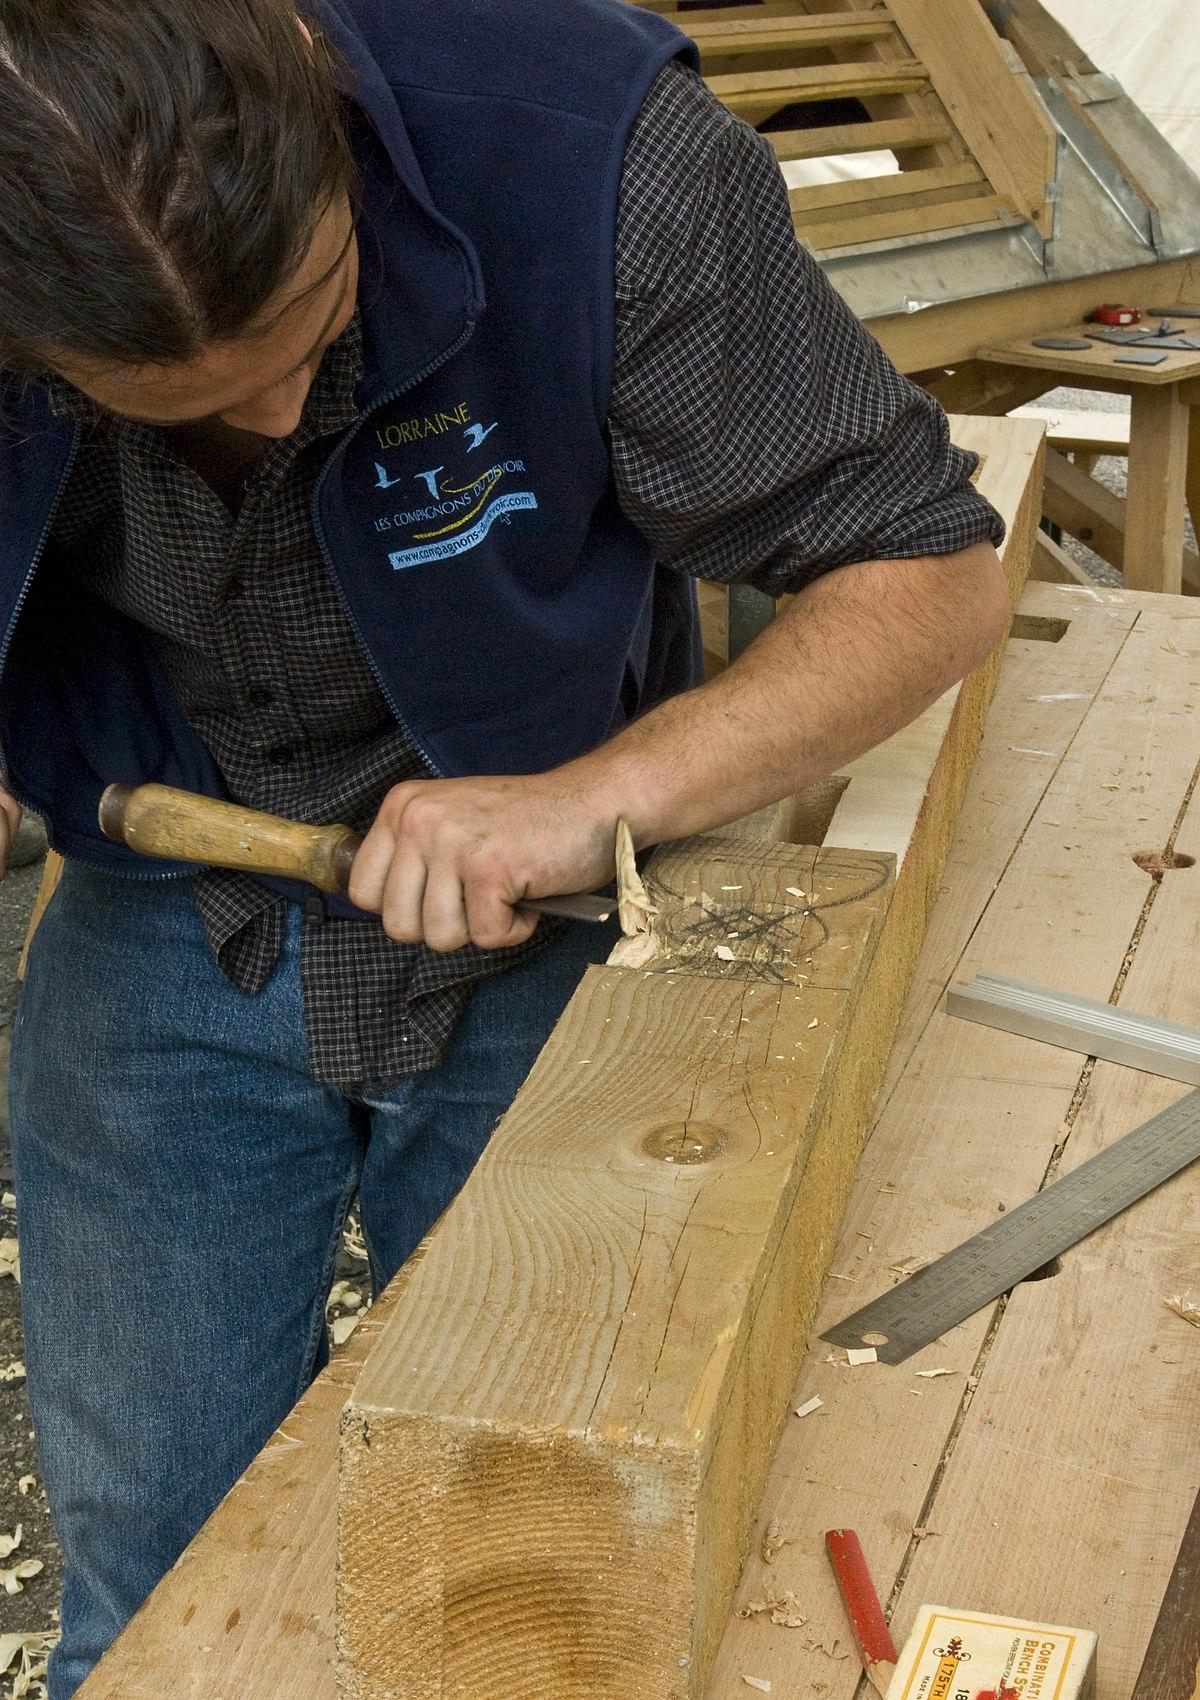 Menuisier wikip dia for Construction en bois wiki